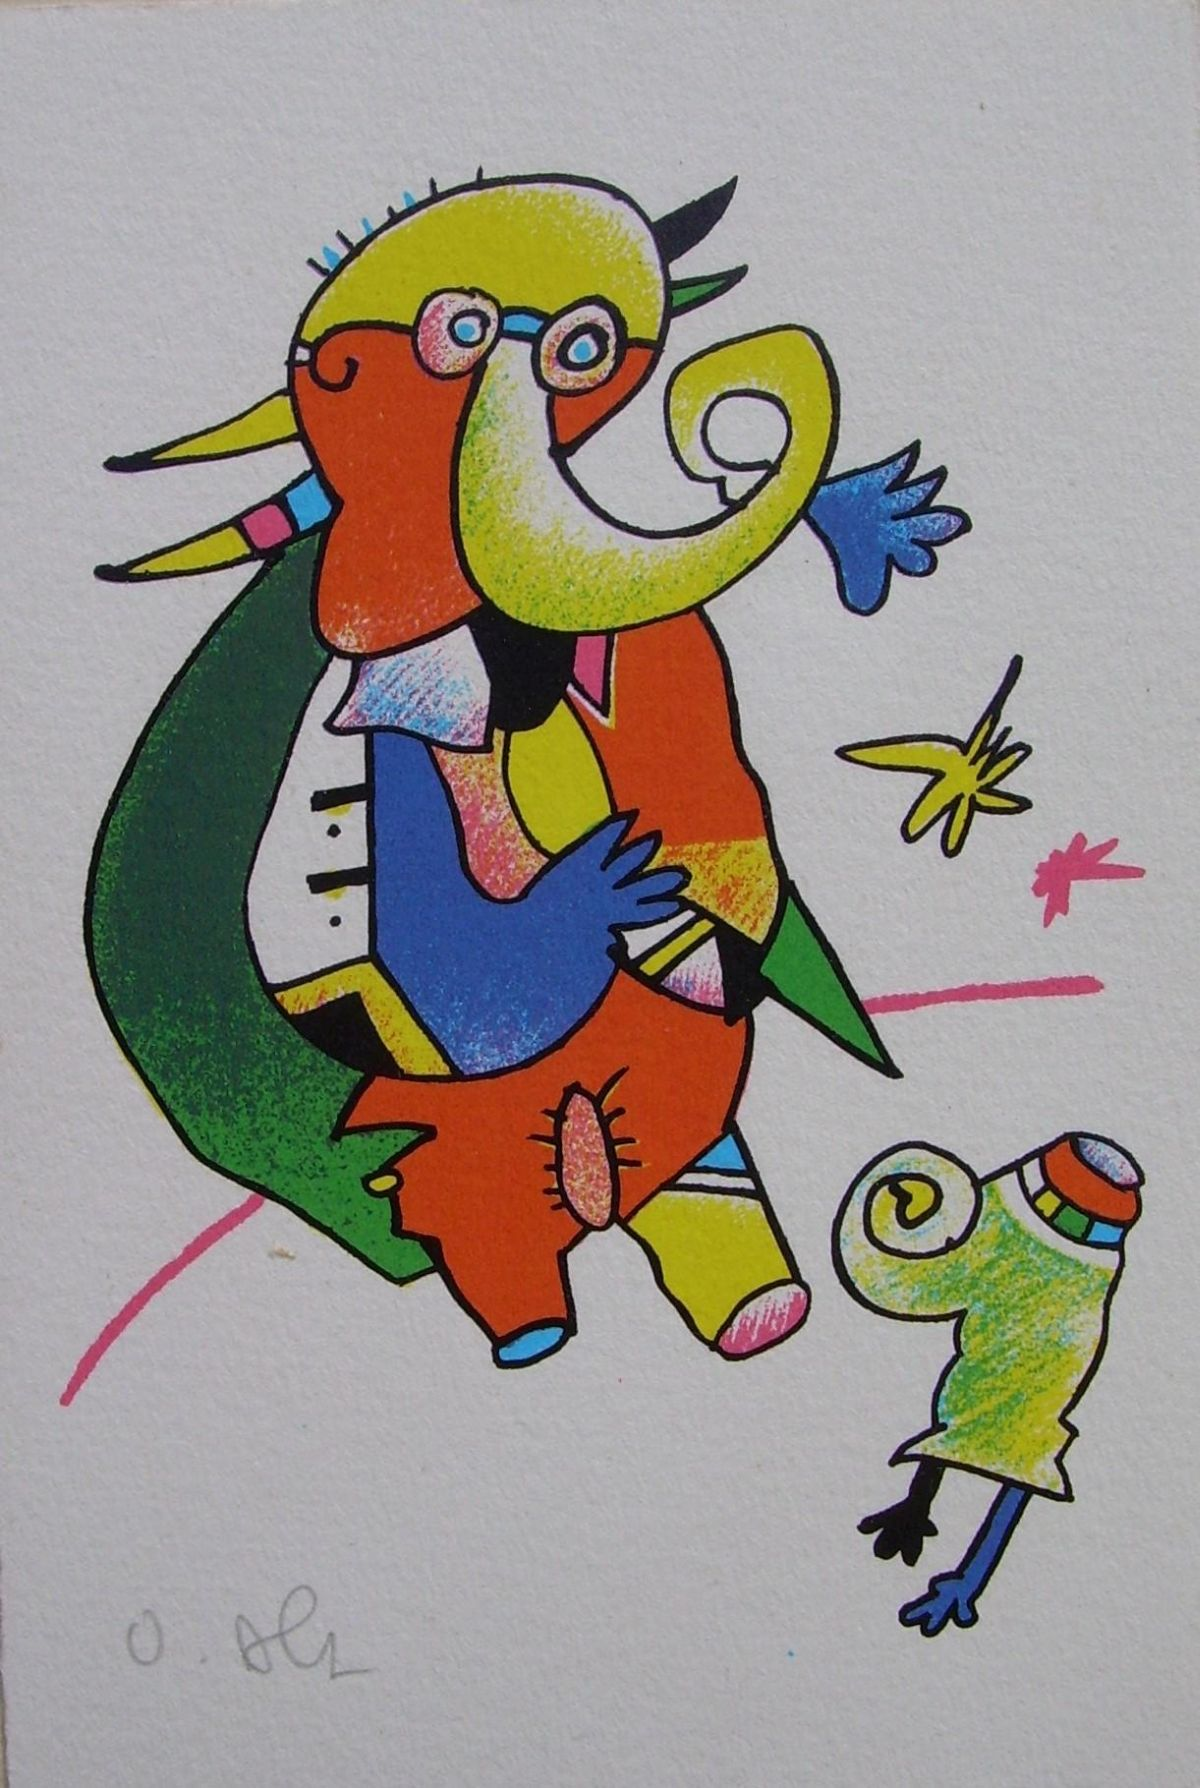 Otmar Alt - Ein großer und ein kleiner Elefant, Farbserigraphie kopen? Bied vanaf 80!